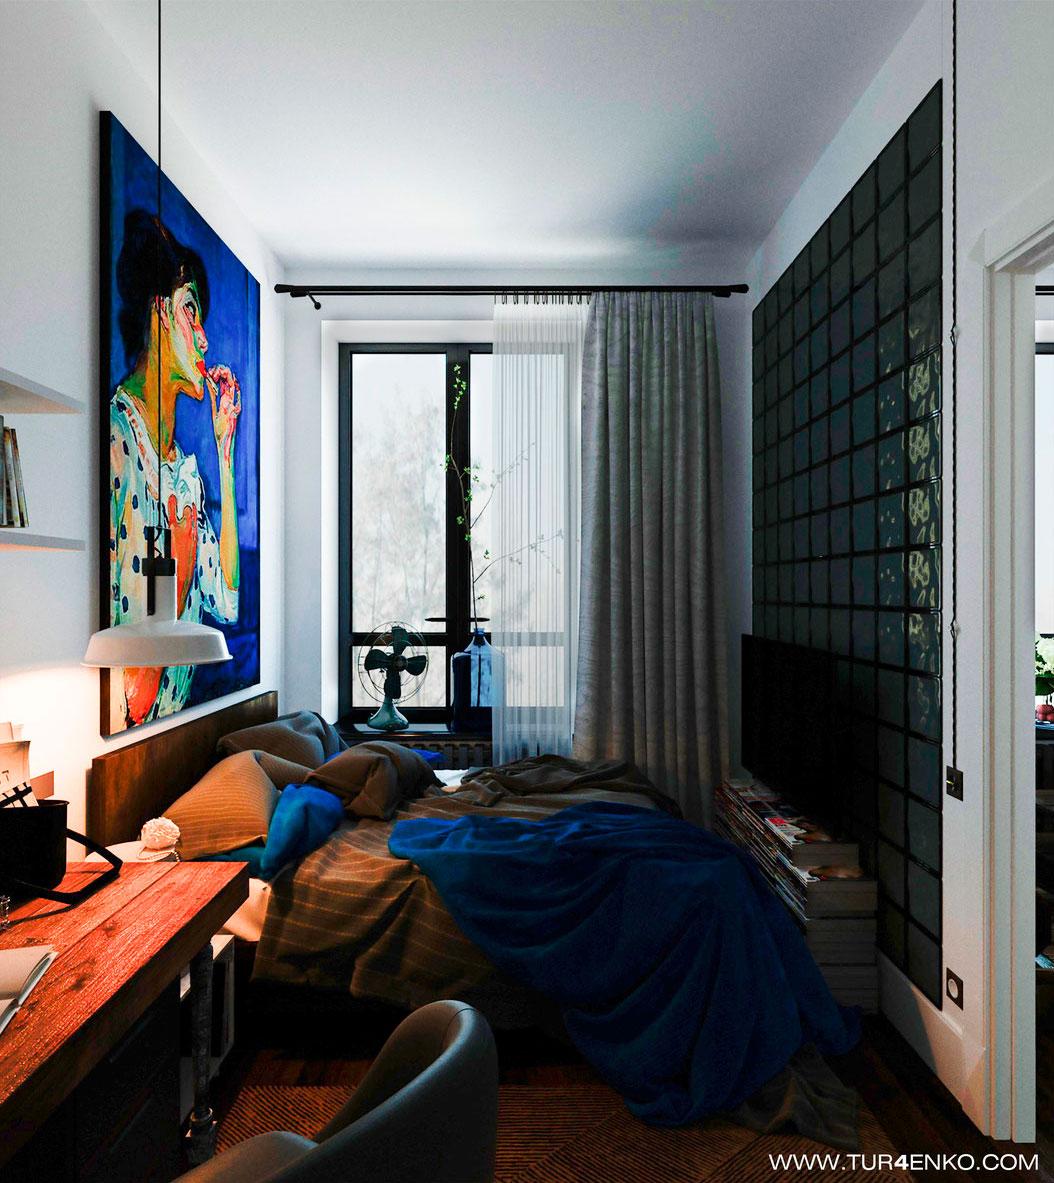 Скандинавский интерьер с винтажными мотивами в небольшой квартире